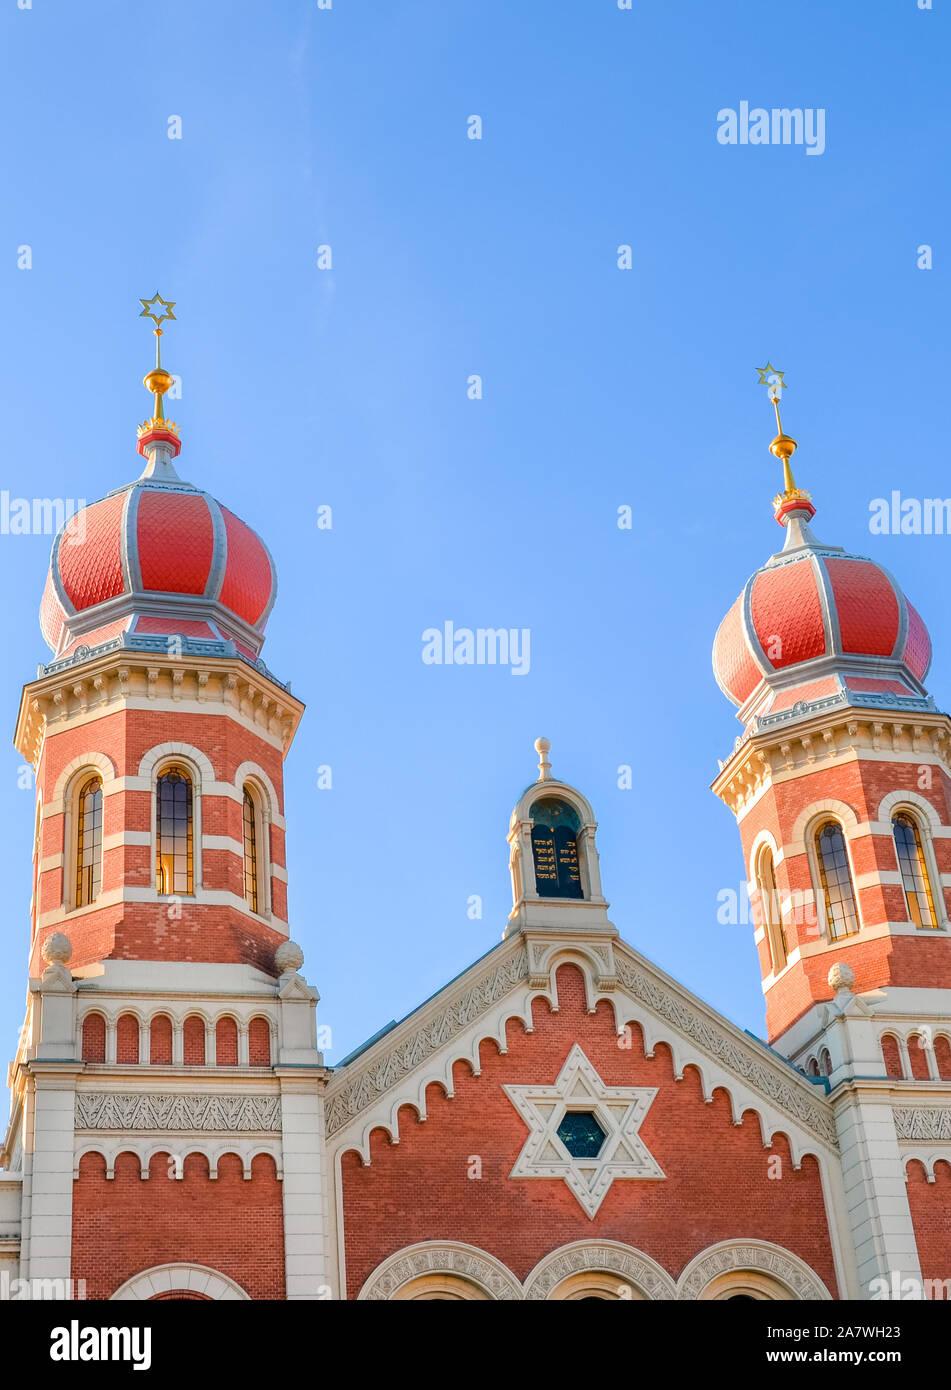 Foto verticale della Grande Sinagoga di Plzen, Repubblica Ceca. La seconda sinagoga più grande in Europa. Dettaglio della facciata dell'edificio religioso ebraico con due cupole a cipolla. Le attrazioni turistiche. Foto Stock